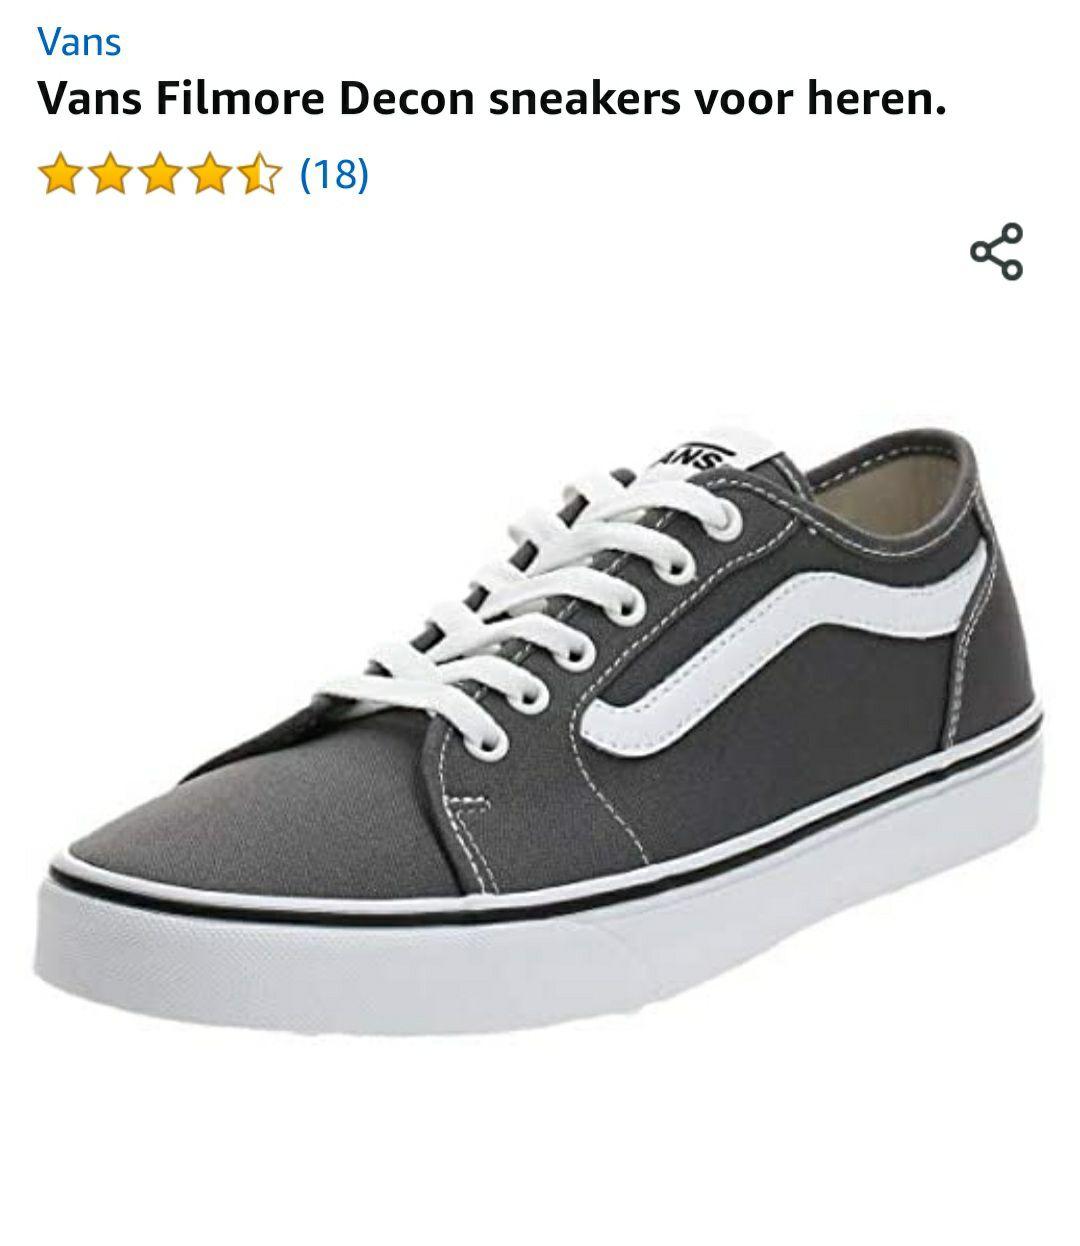 Vans Filmore Decon grijs heren weer voor €20.99